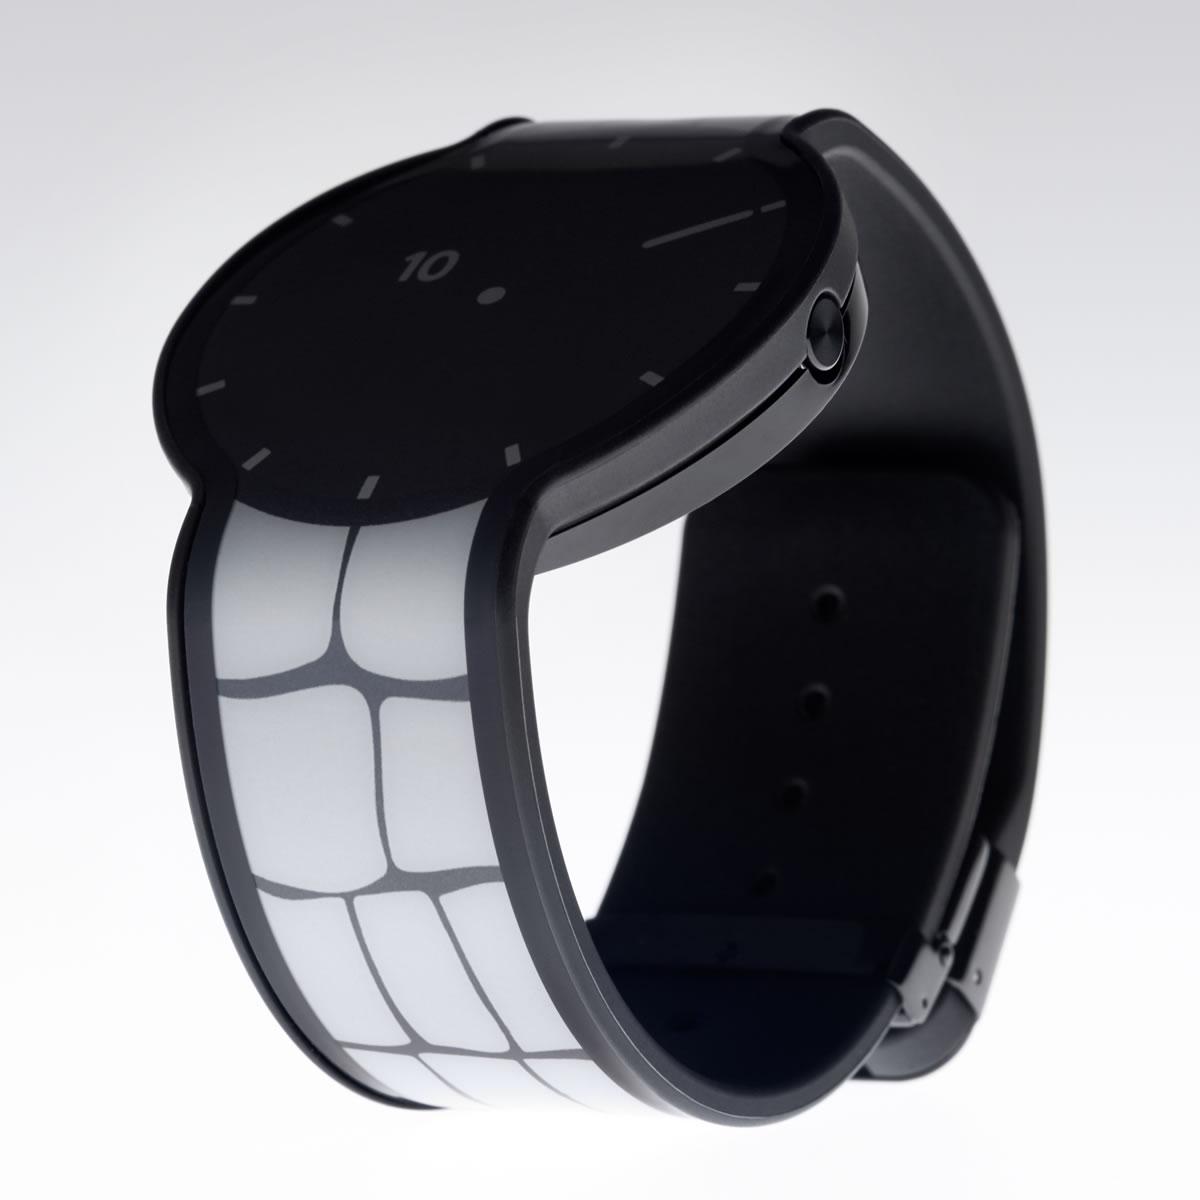 ソニー フェスウォッチ Sony FES Watch 電子ペーパー 腕時計 メンズ レディース ブラック FES-WM1